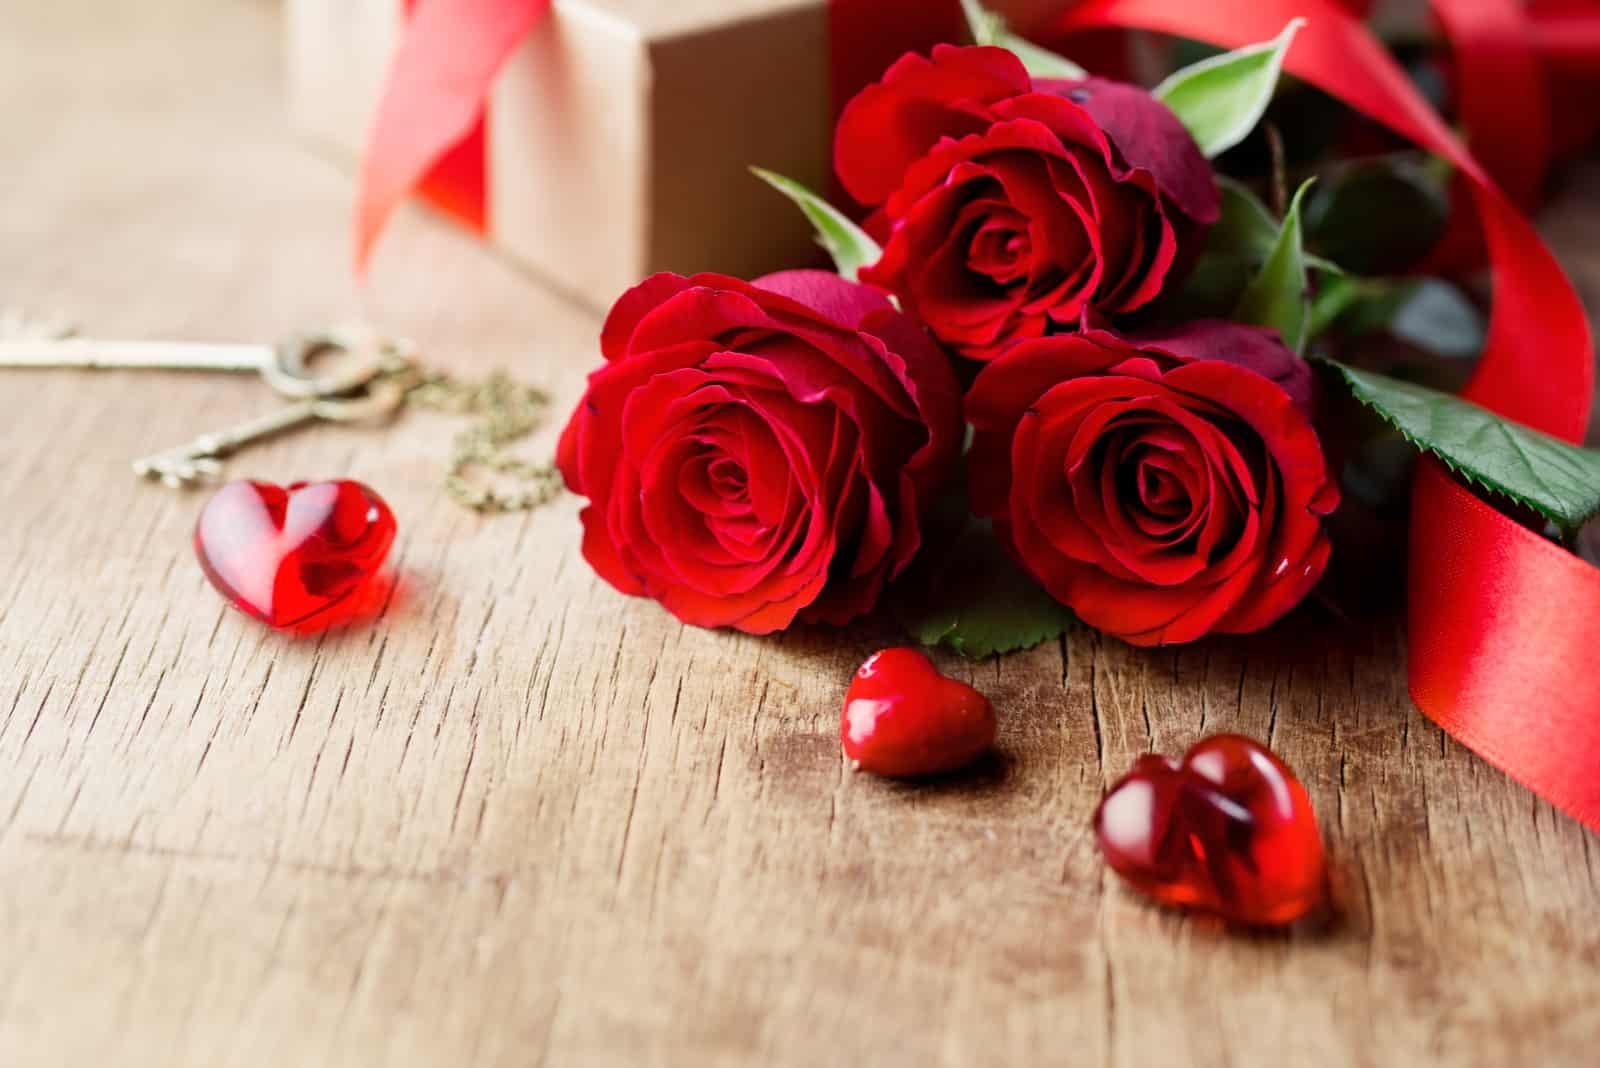 rote Rosen, Geschenk und rote Herzen Dekor auf dem Tisch